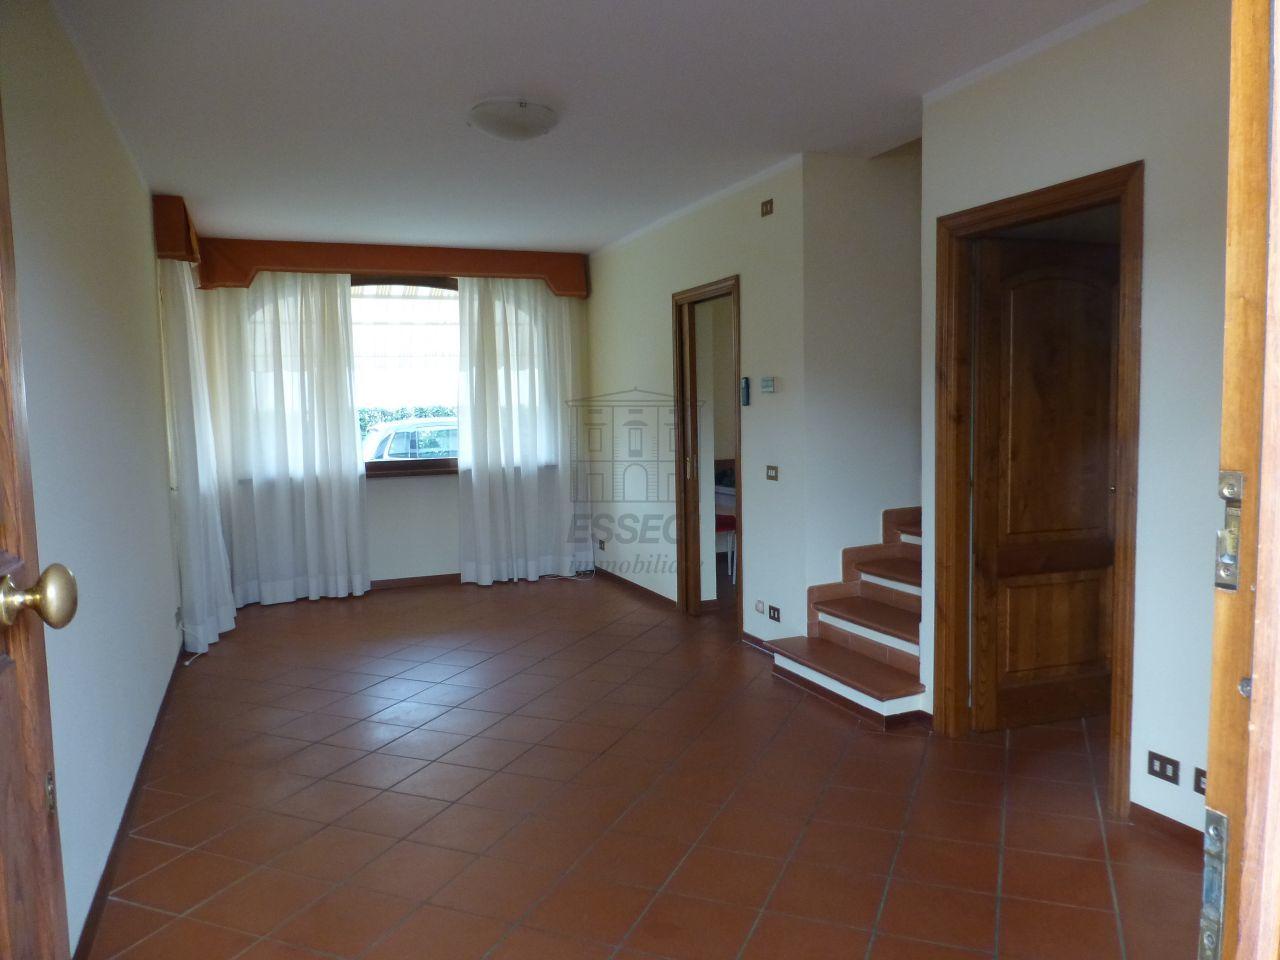 Soluzione Indipendente in affitto a Capannori, 6 locali, prezzo € 750 | Cambio Casa.it